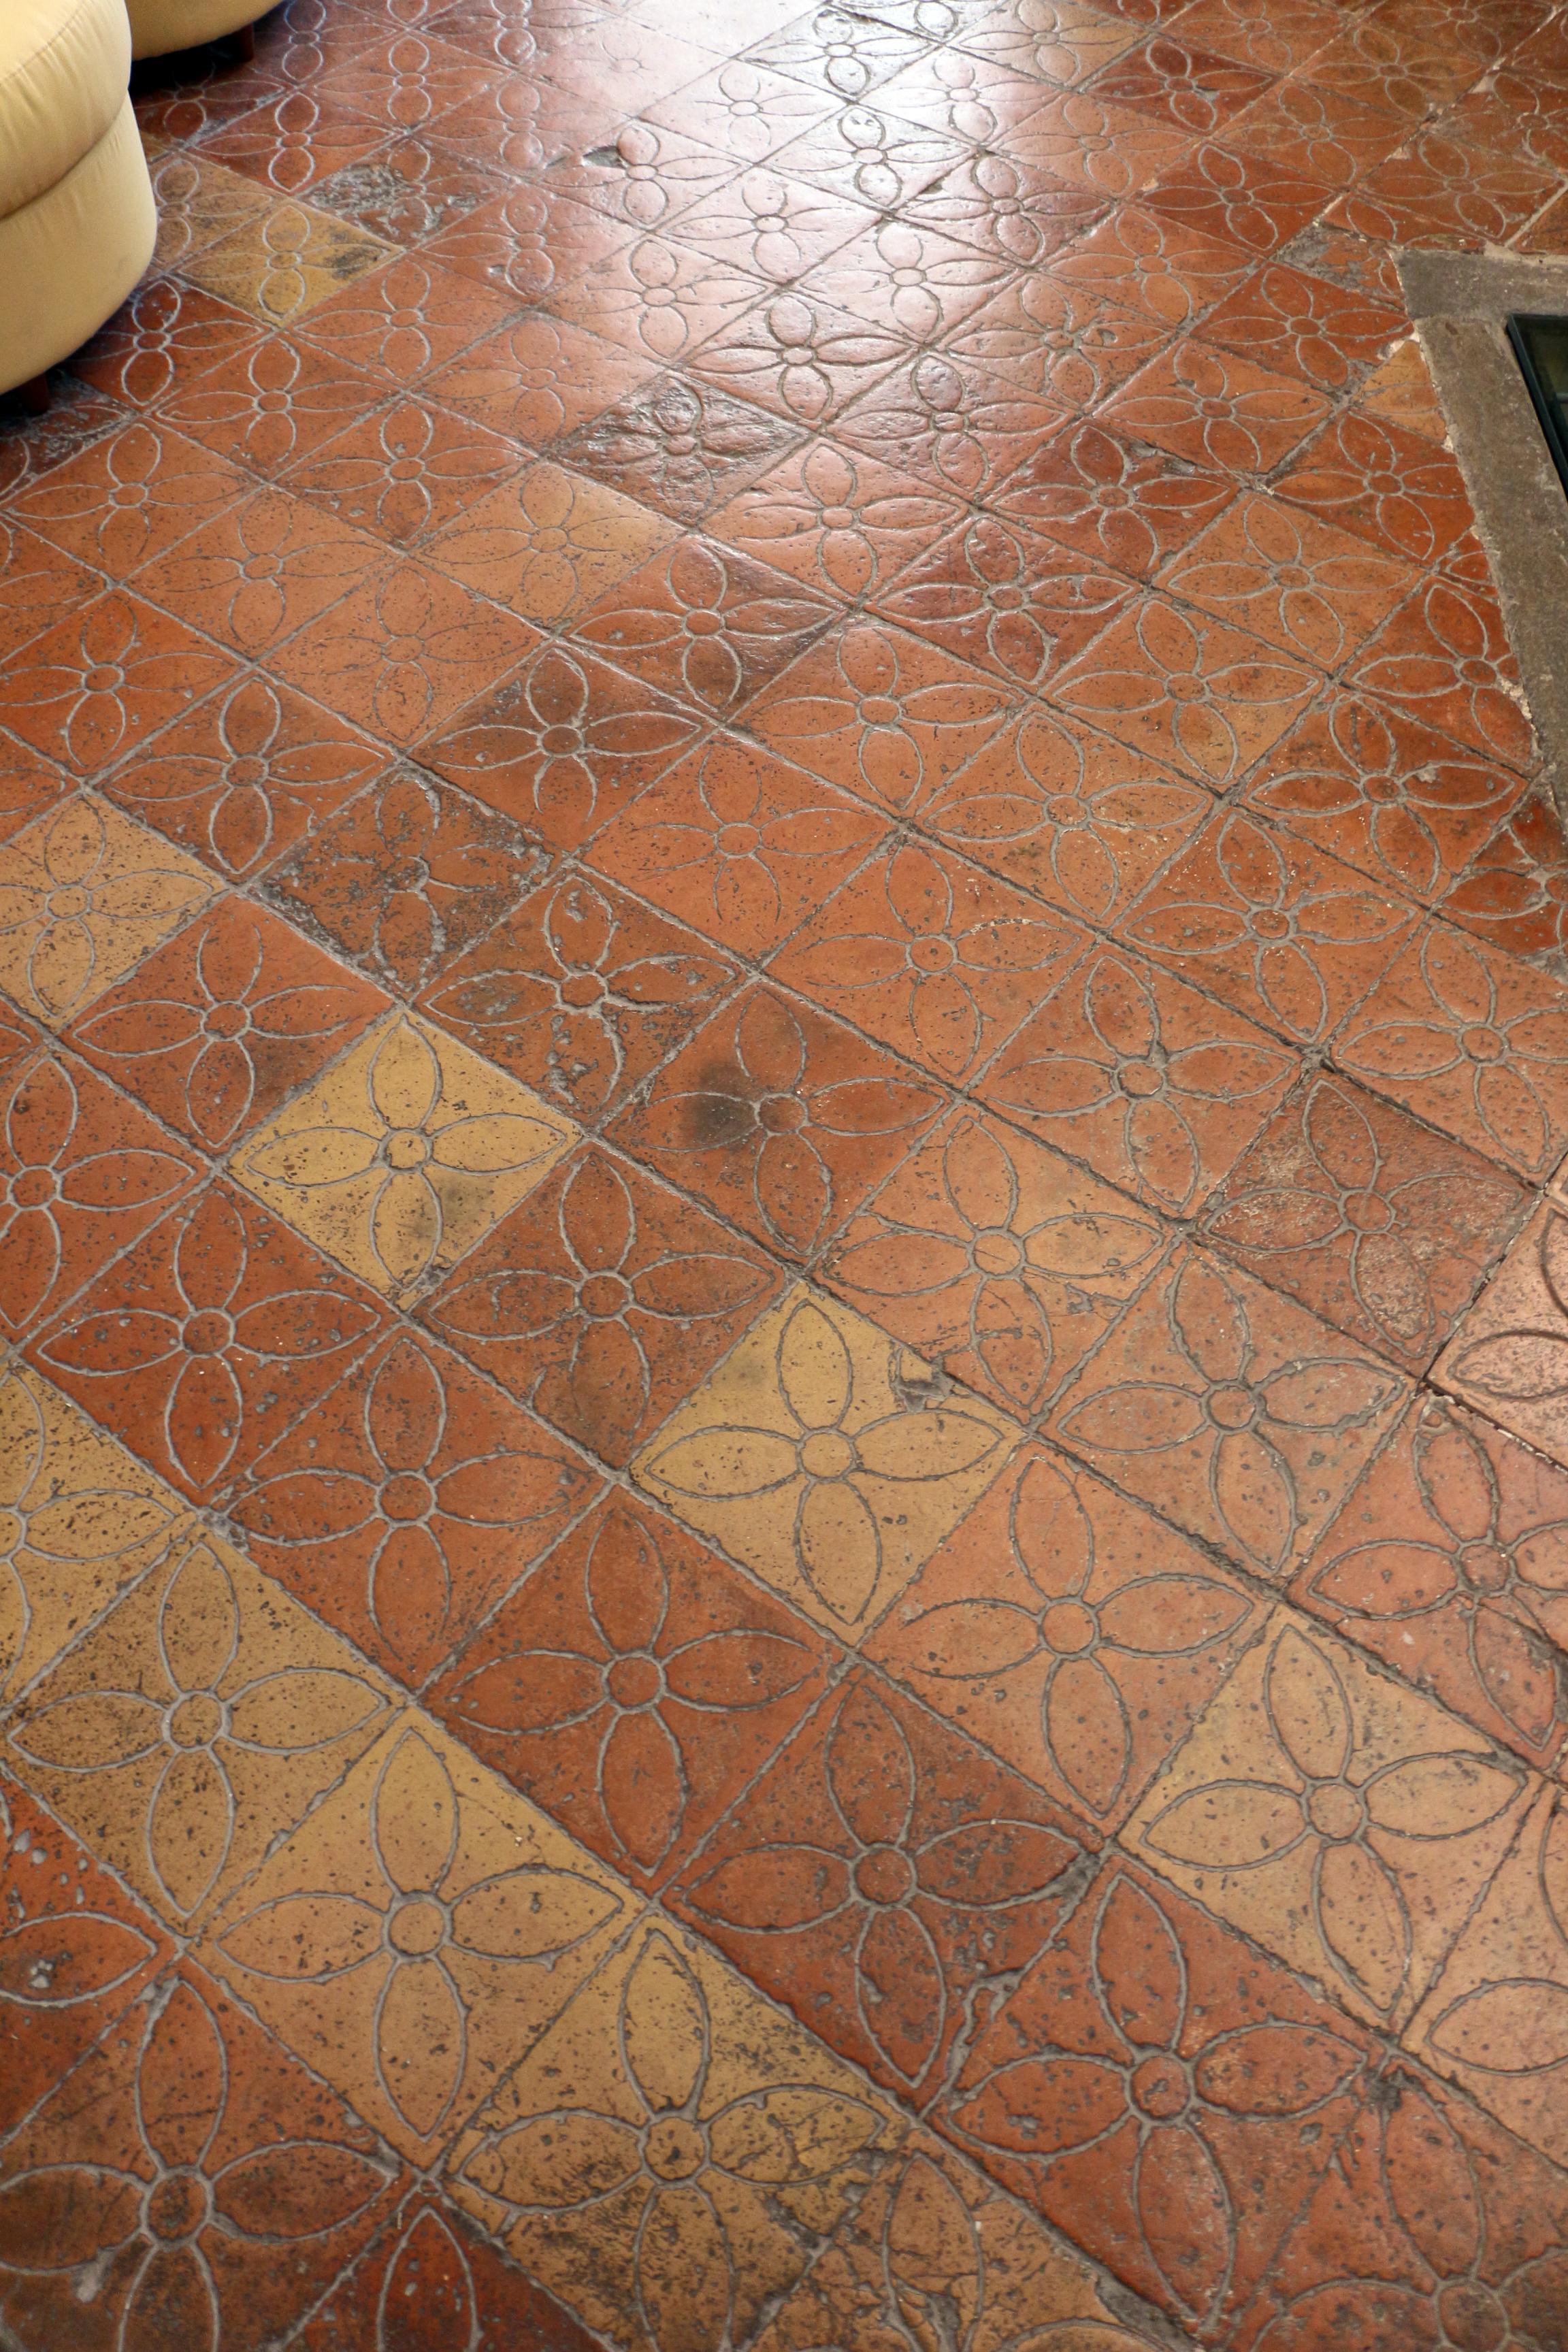 File:Palazzo ducale di gubbio, interno, pavimenti 01.JPG - Wikimedia ...